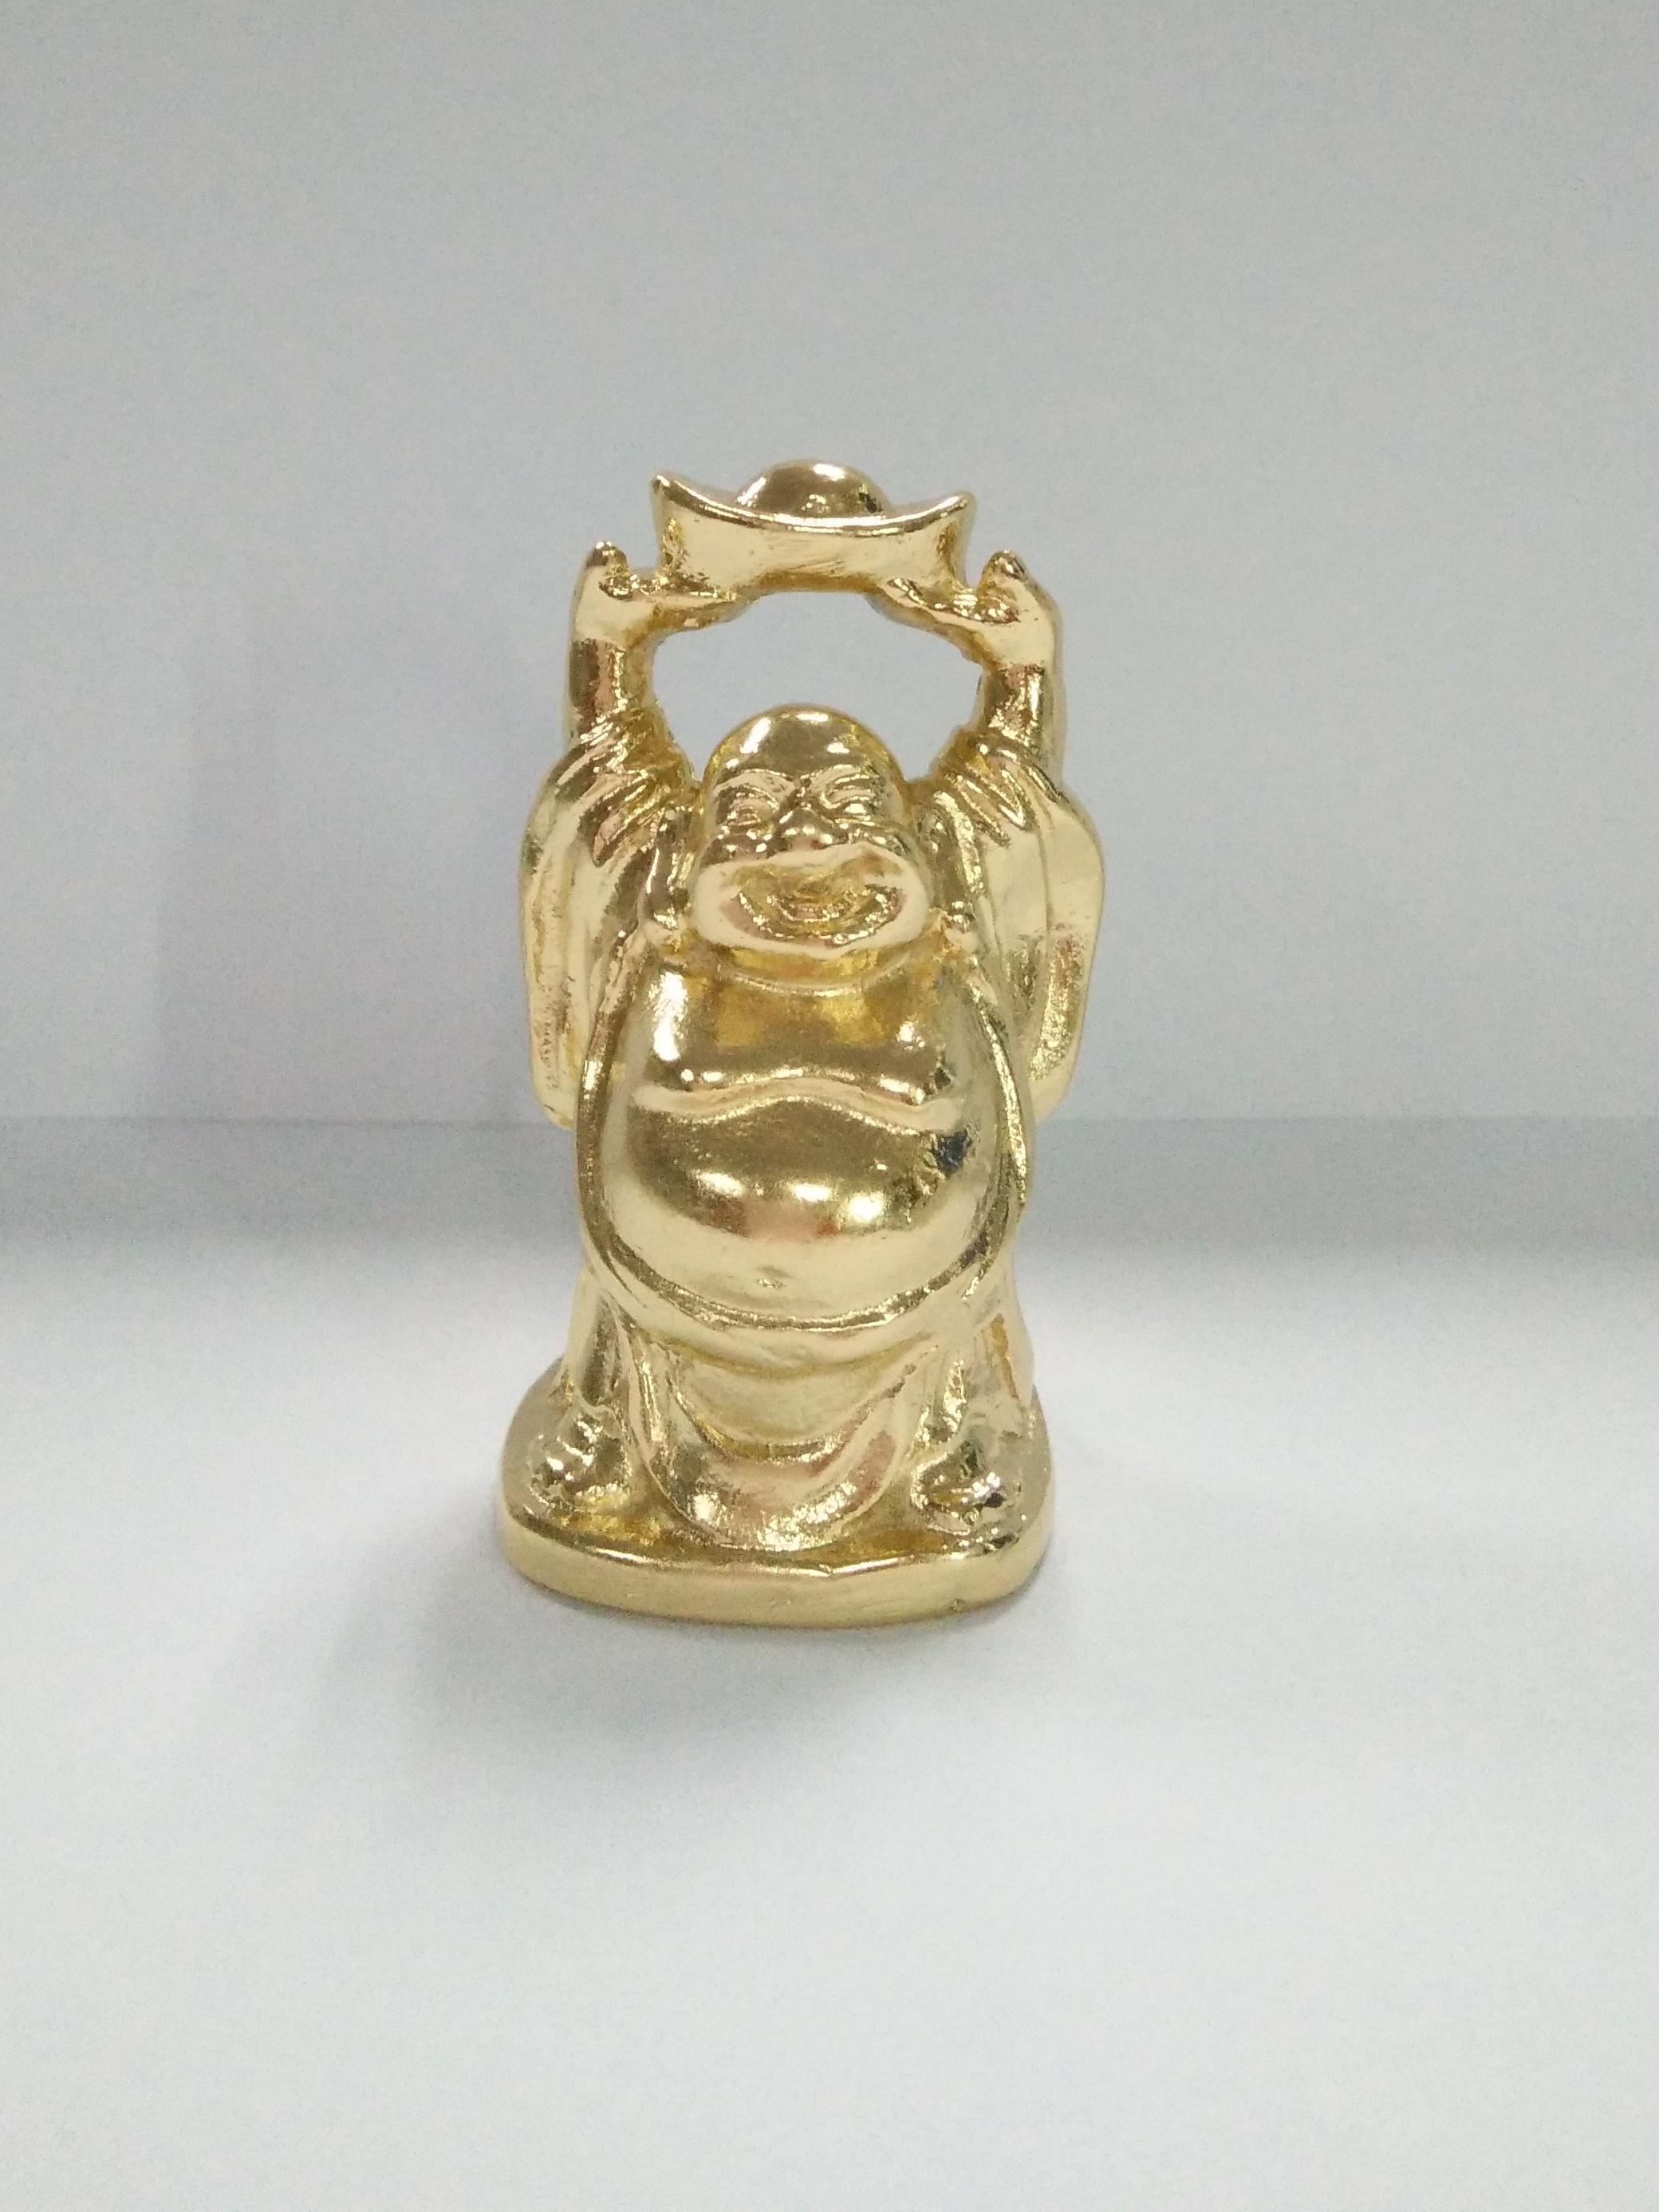 佛教首饰真空电镀24K黄金色 东莞长安PVD真空镀膜厂加工